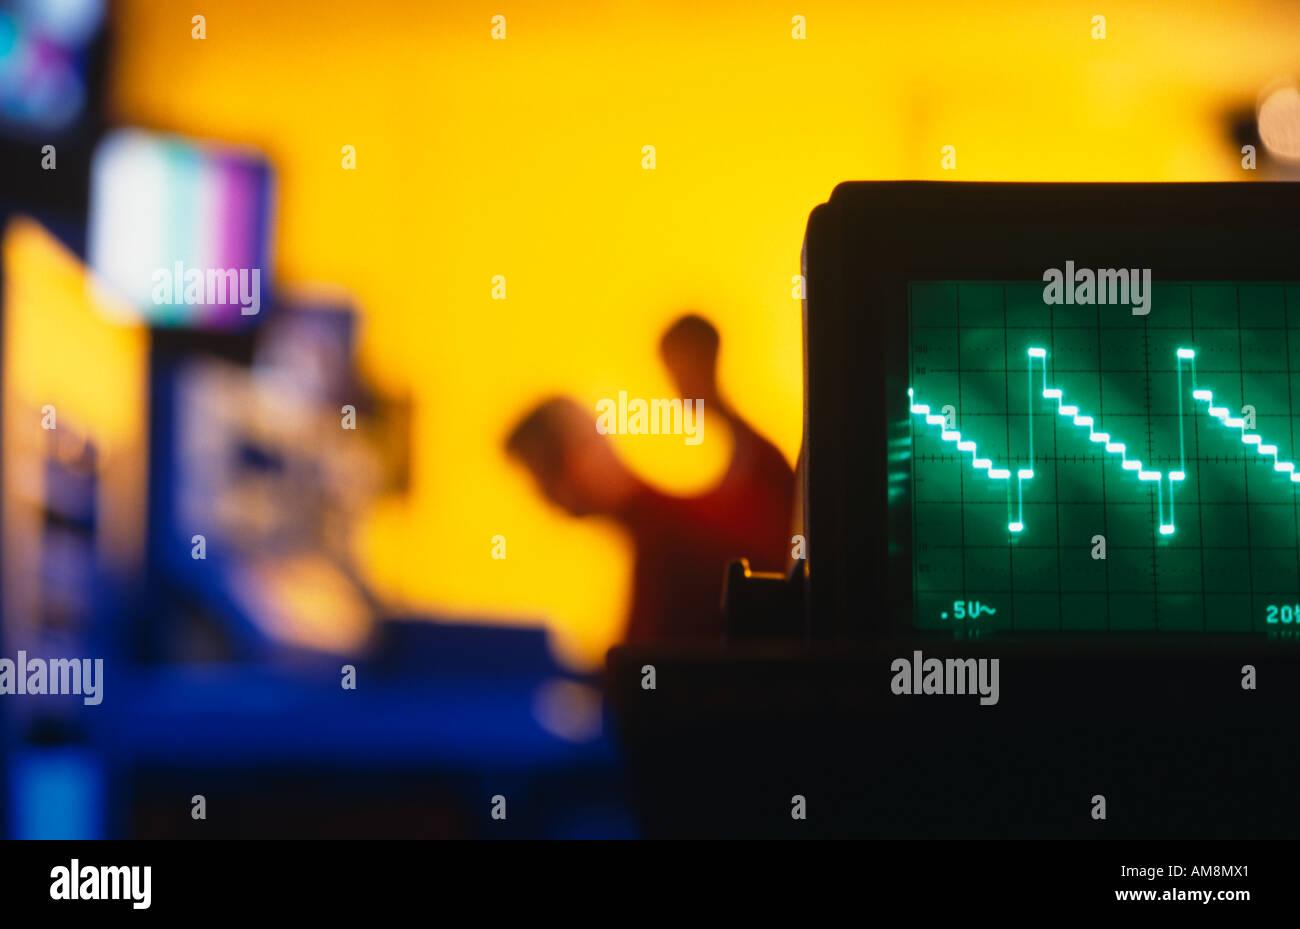 Electronics testing laboratory - Stock Image